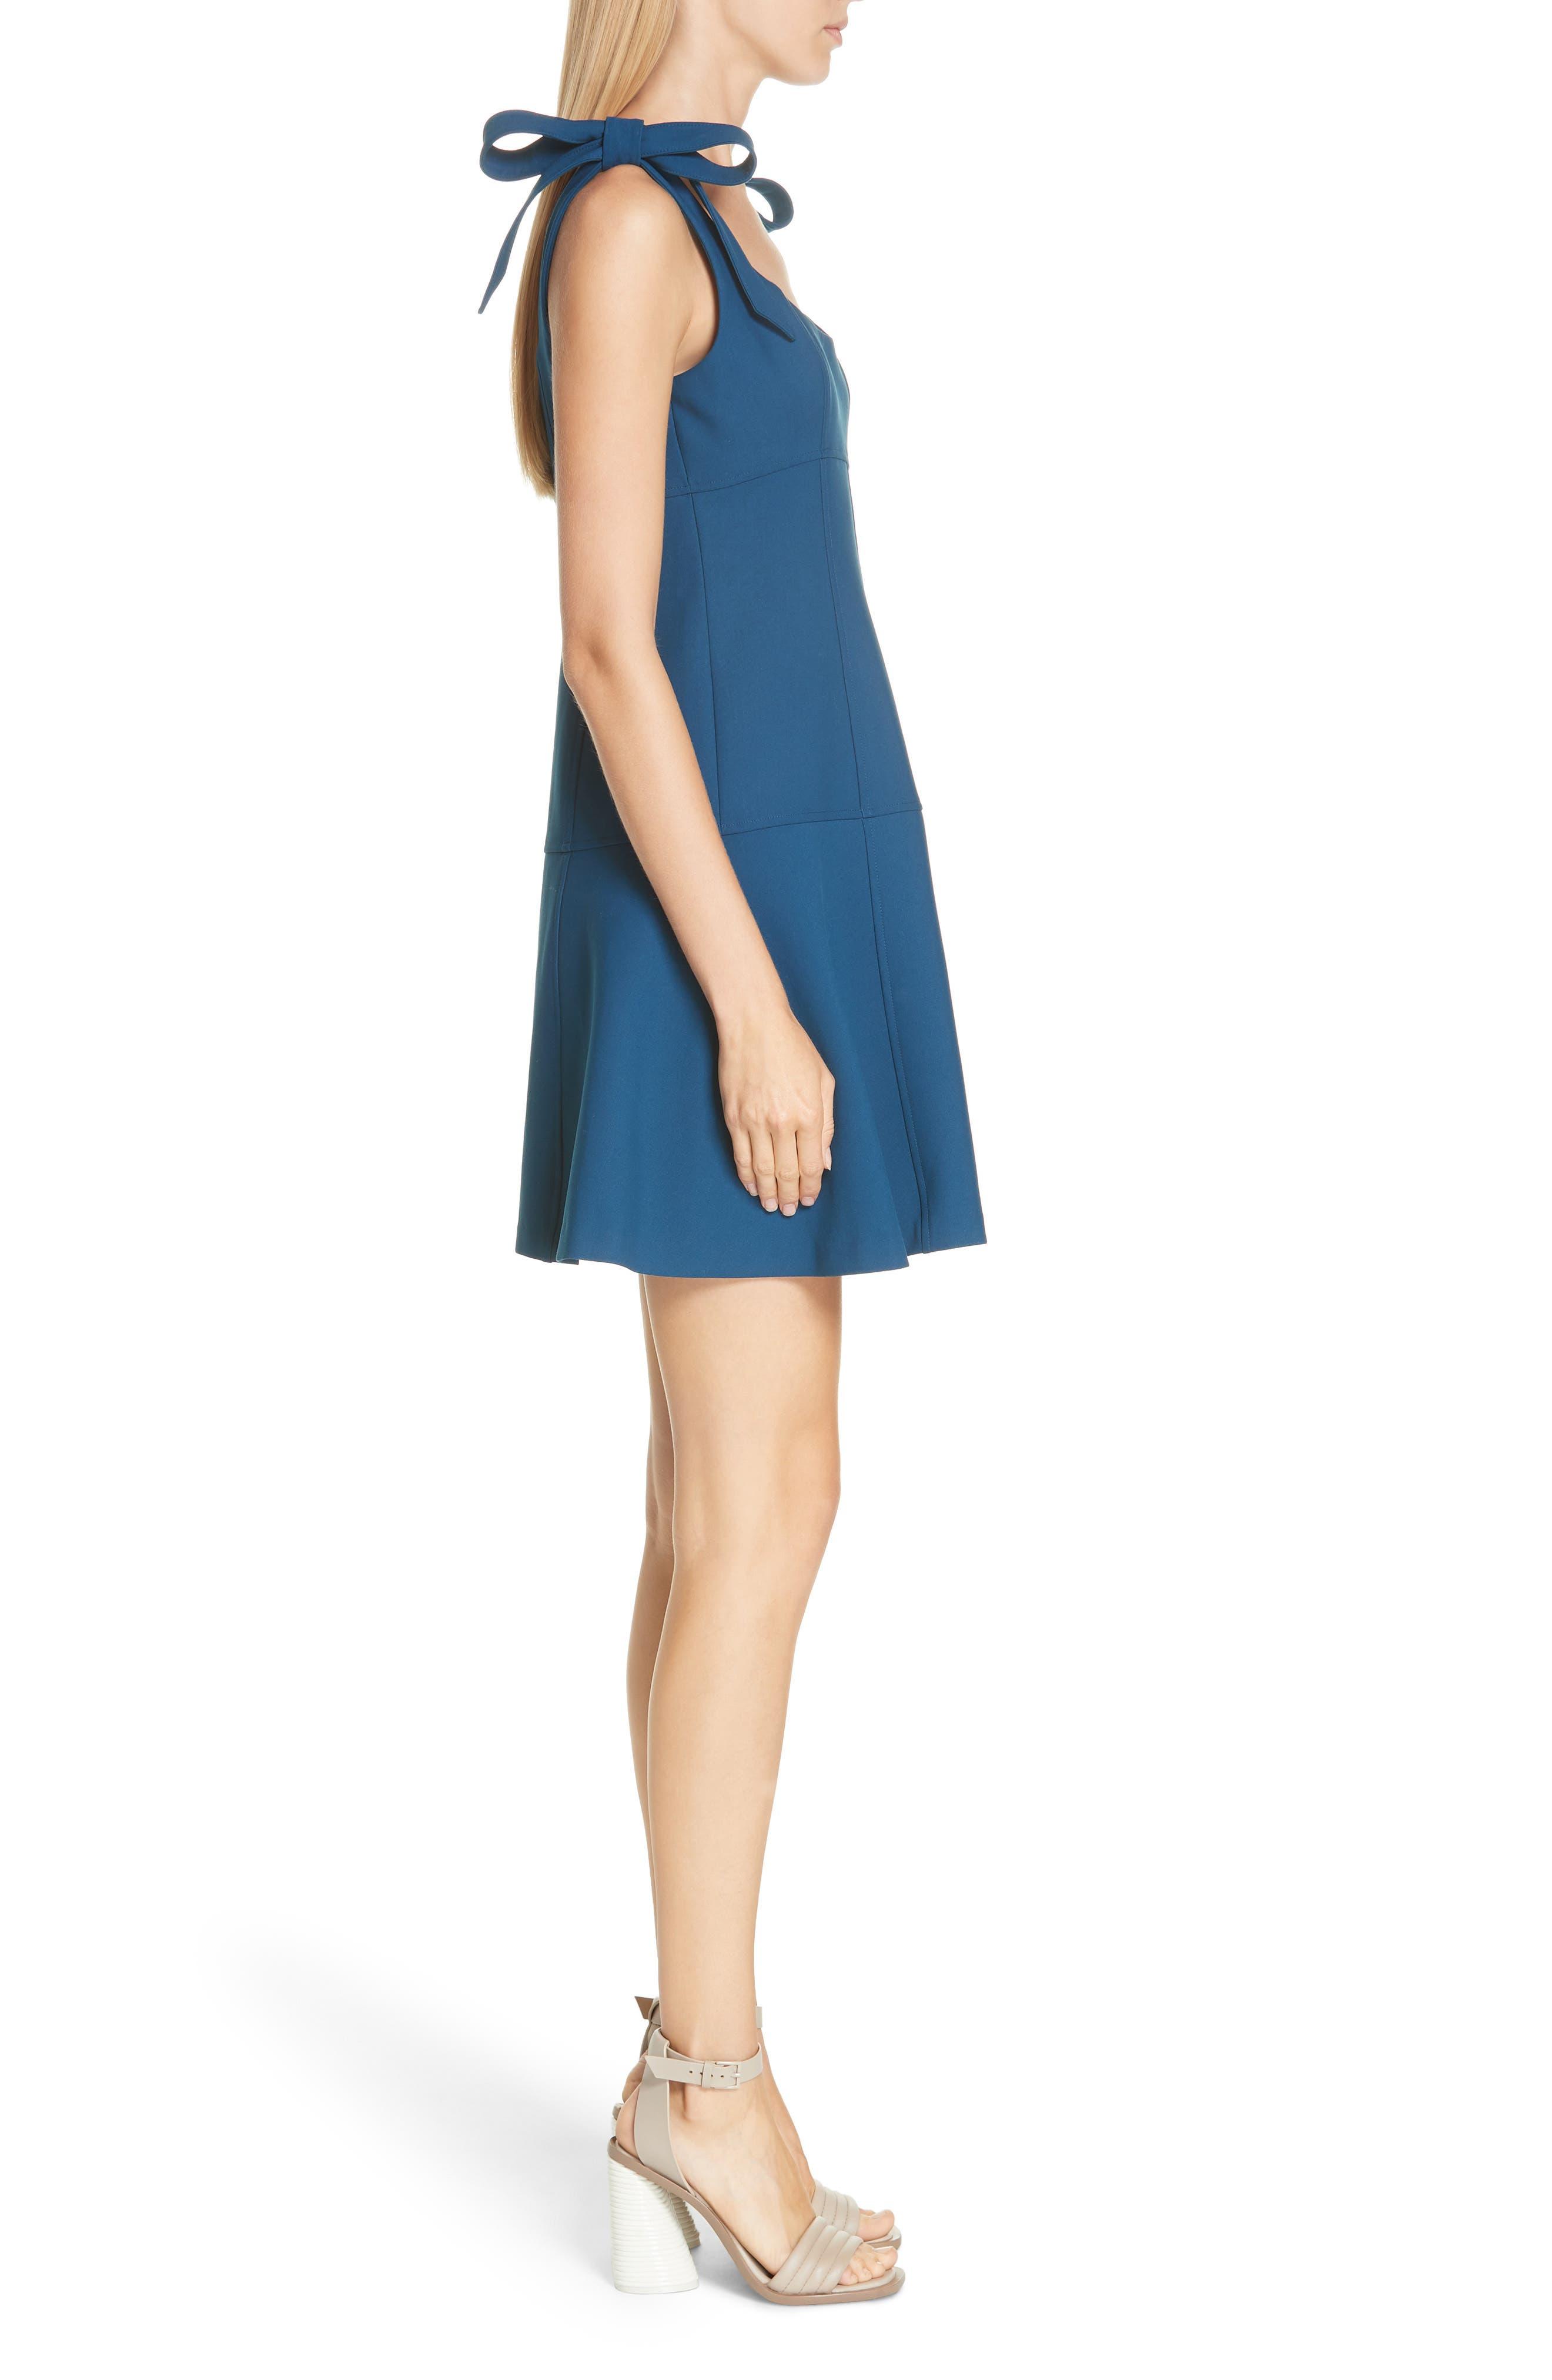 CINQ À SEPT,                             Jeanette Tie Strap Dress,                             Alternate thumbnail 3, color,                             495